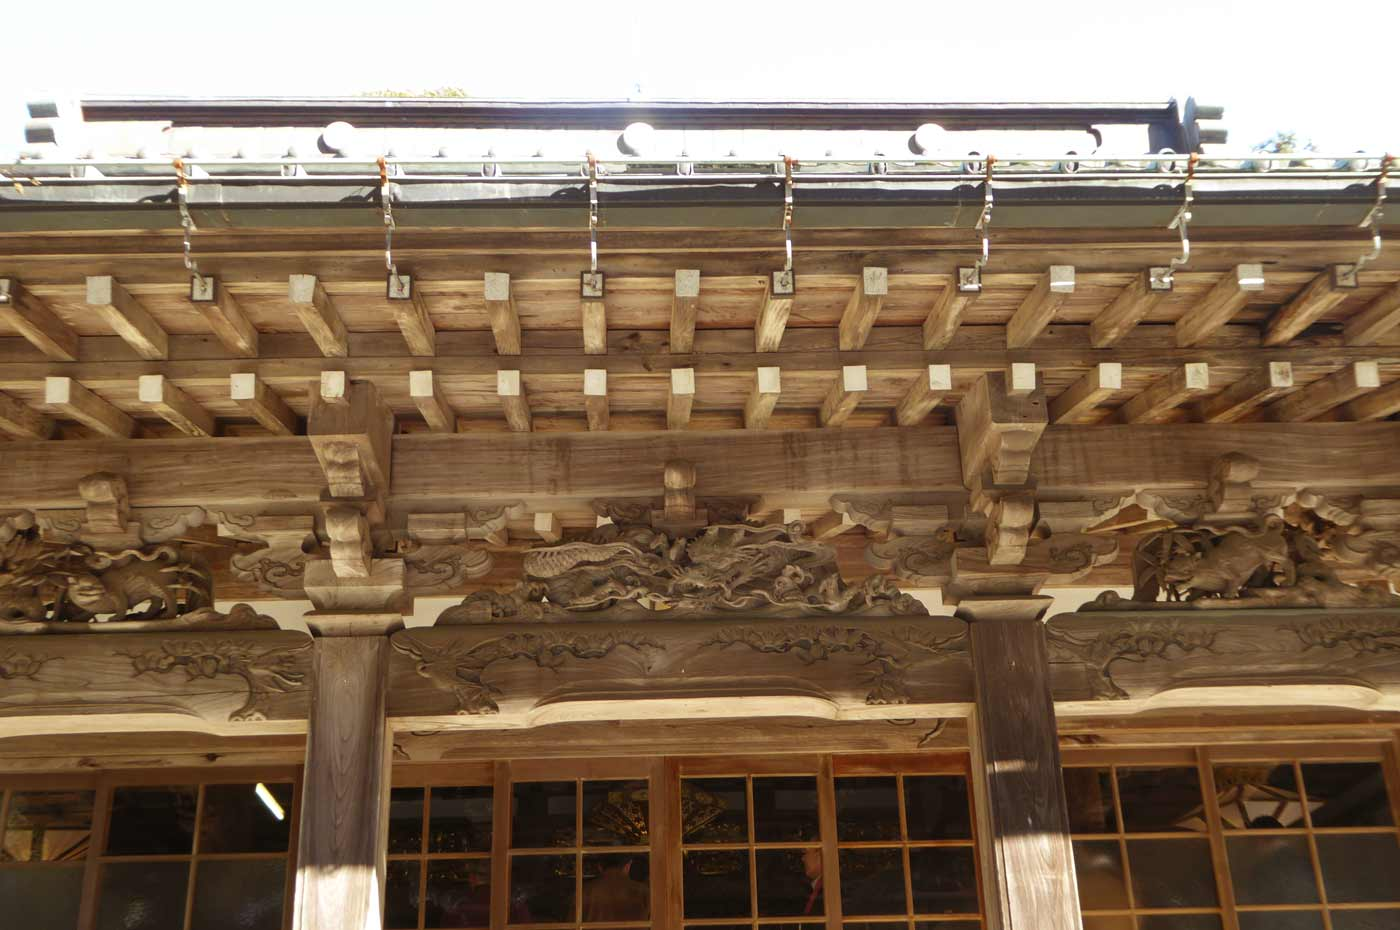 勝善寺本堂向拝の後藤義光の彫刻